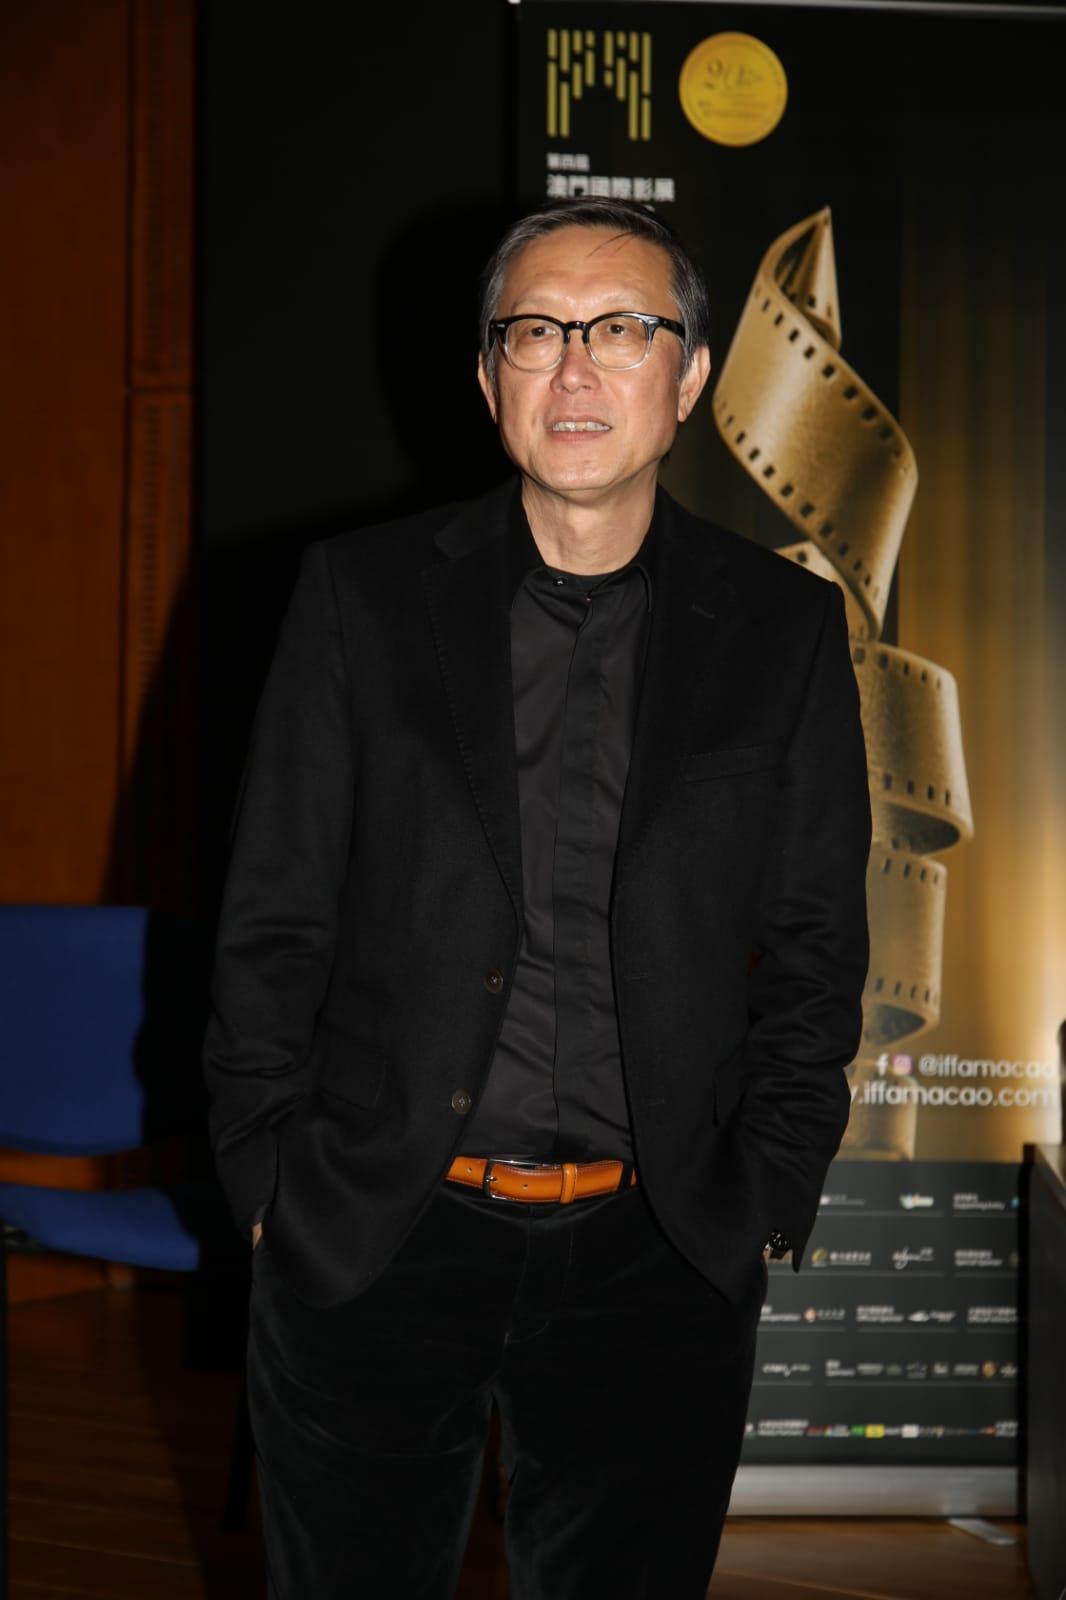 為拍該片度橋拍攝,劉偉強笑言自己似發明家。